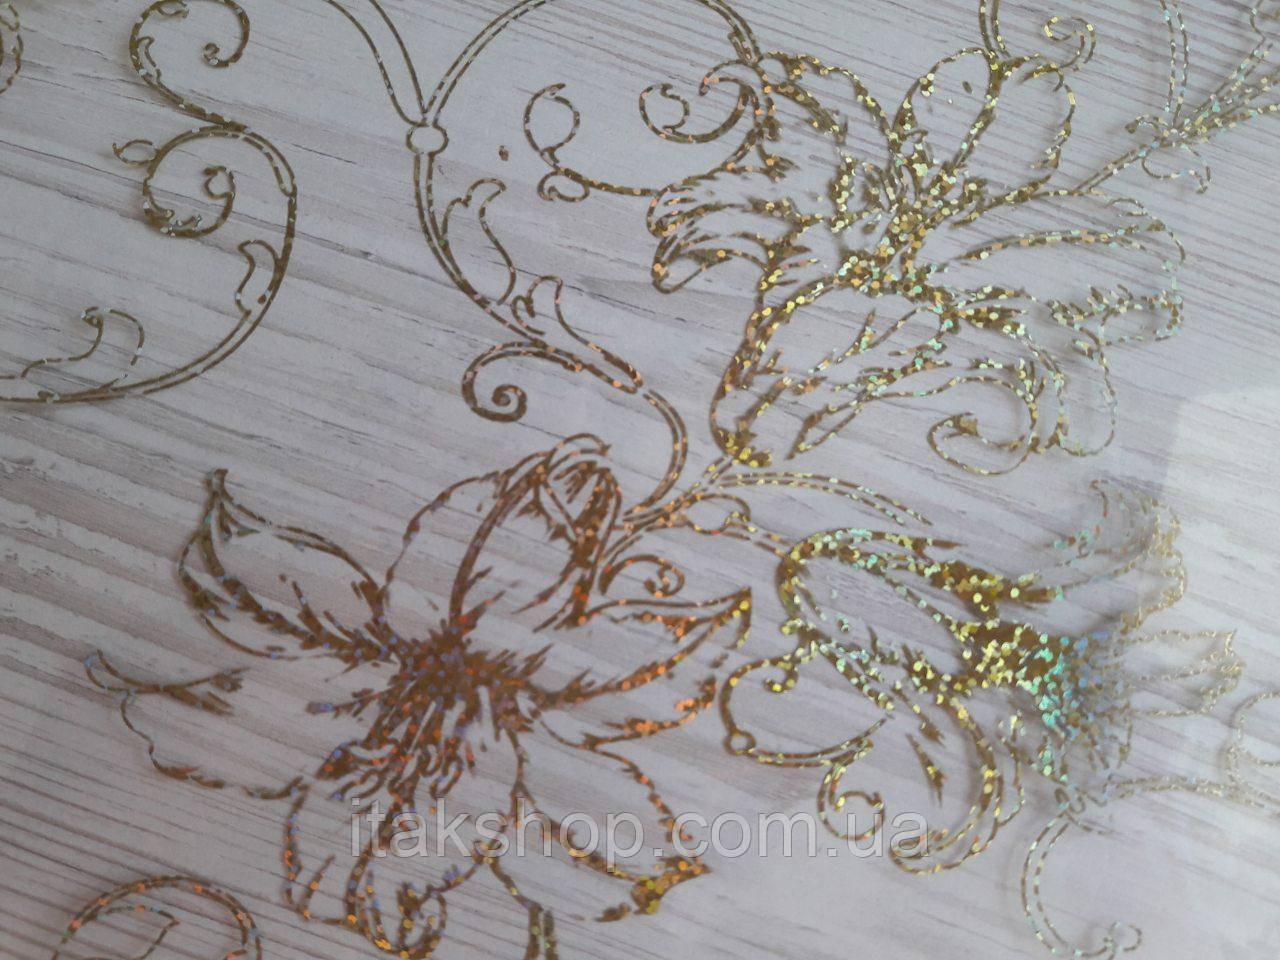 М'яке скло Скатертину з лазерним малюнком Soft Glass 1.0х0.8м товщина 1.5 мм Золотисті лілії